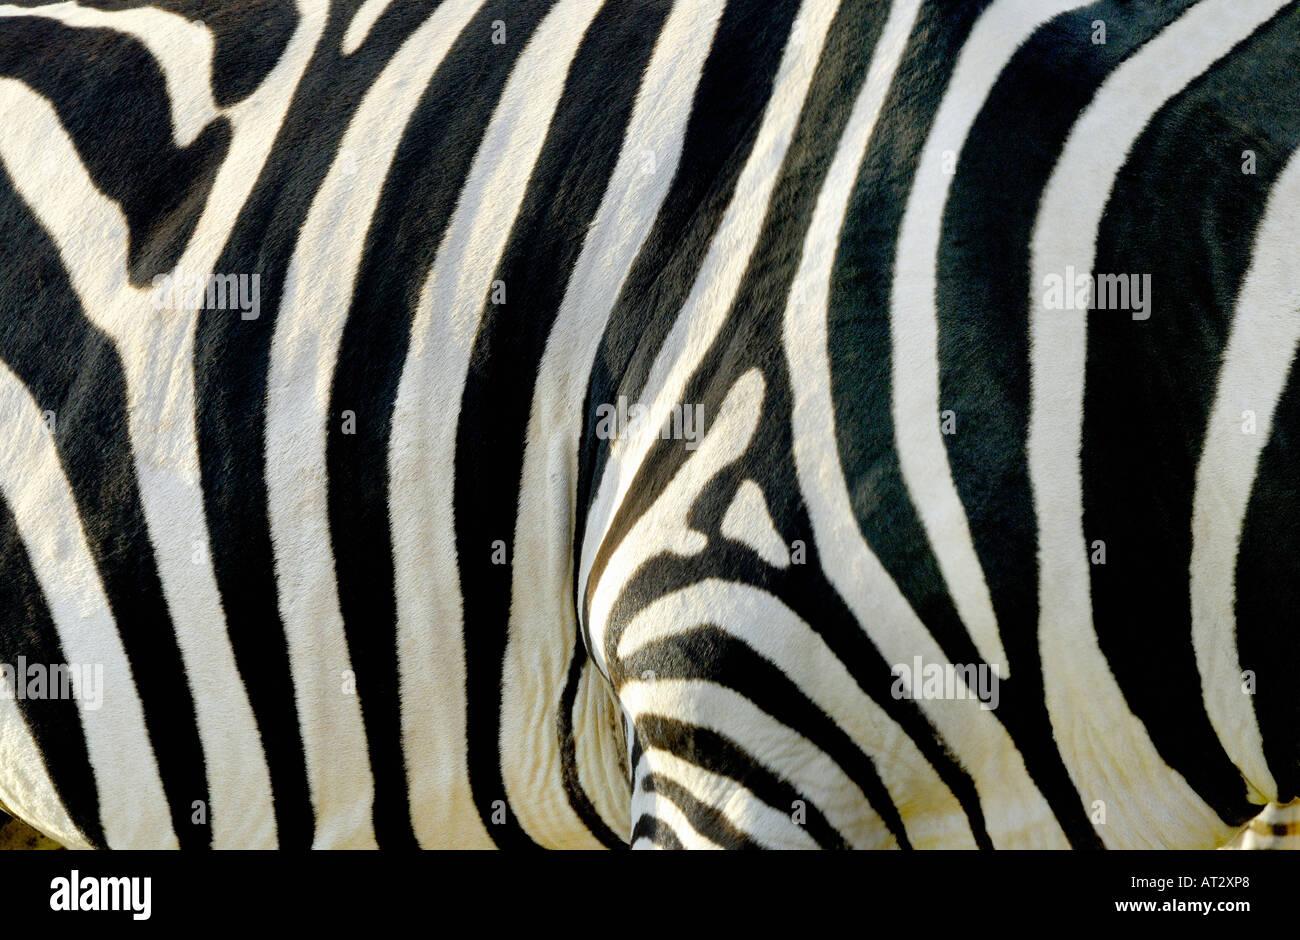 ZEBRA pattern di strisce Immagini Stock